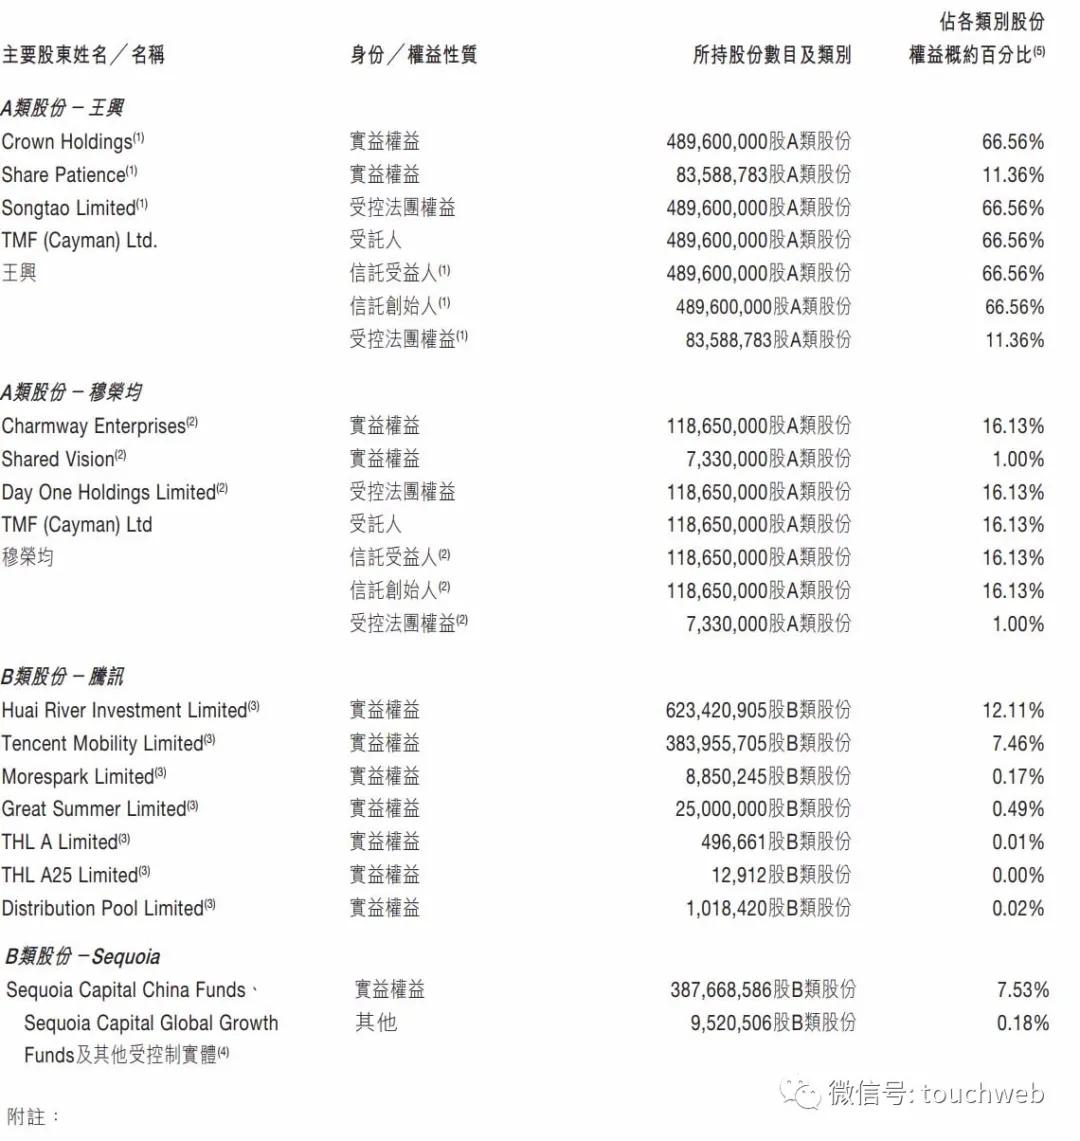 美团股权曝光:腾讯持股17%红杉是股东 王兴有46%投票权